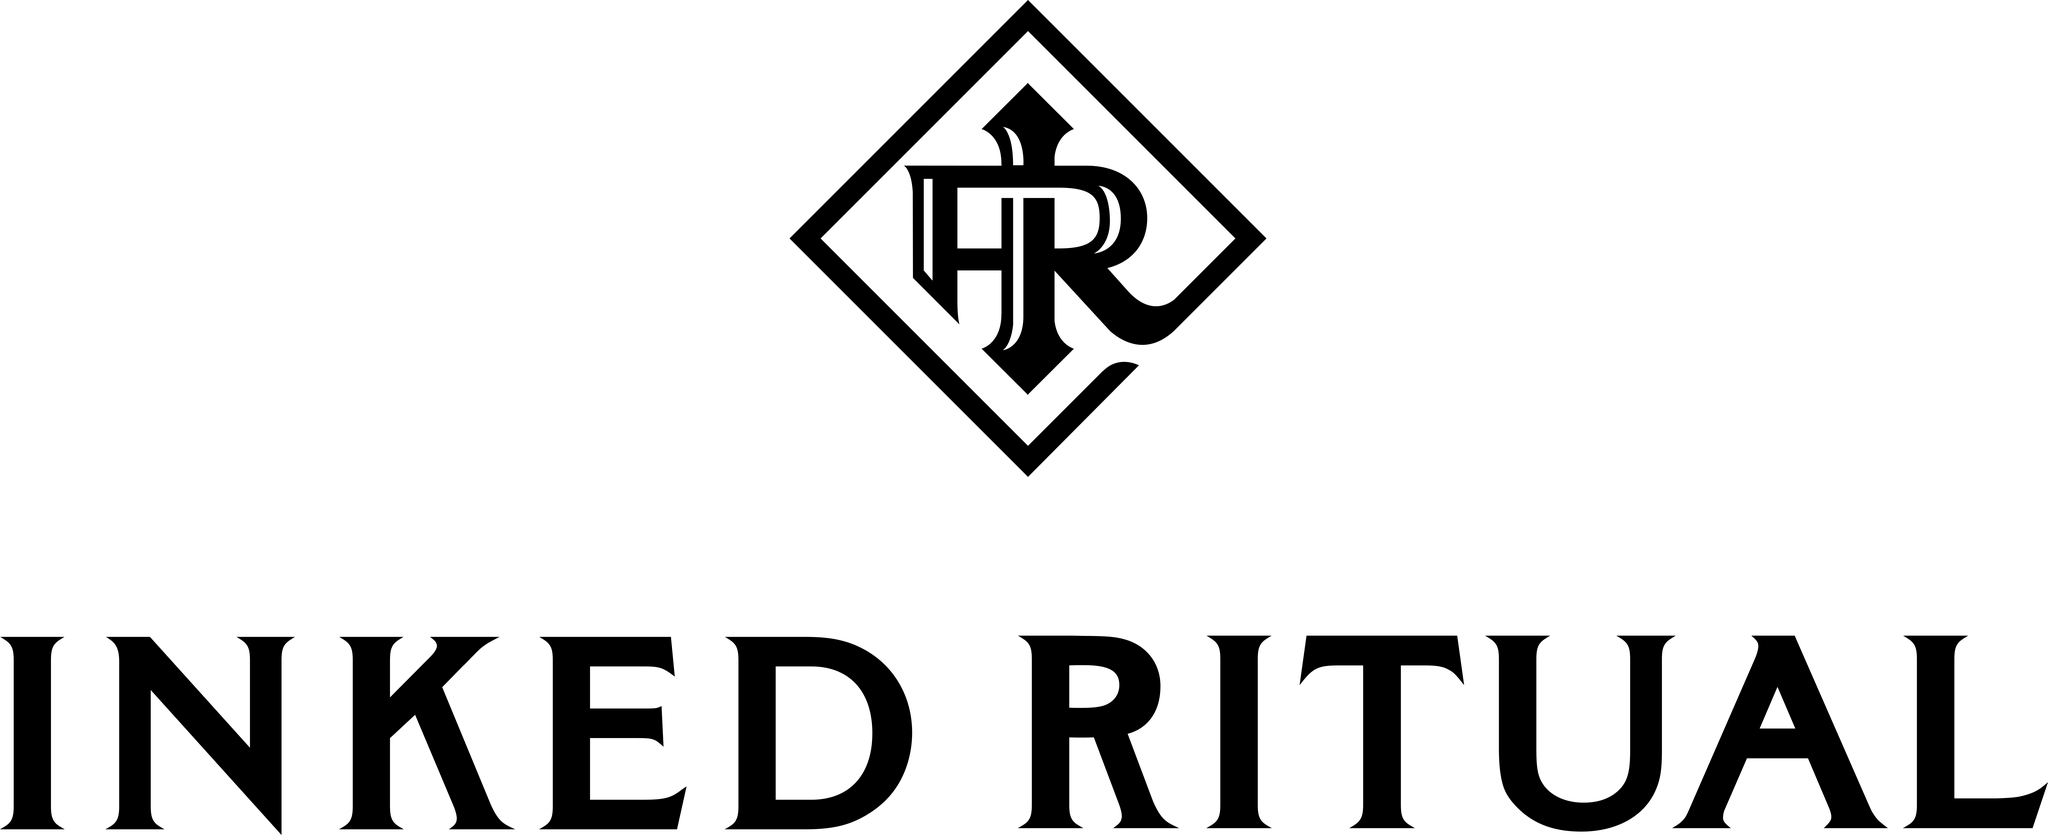 Inked Ritual Anti-Fade Tattoo Care Serum Logo